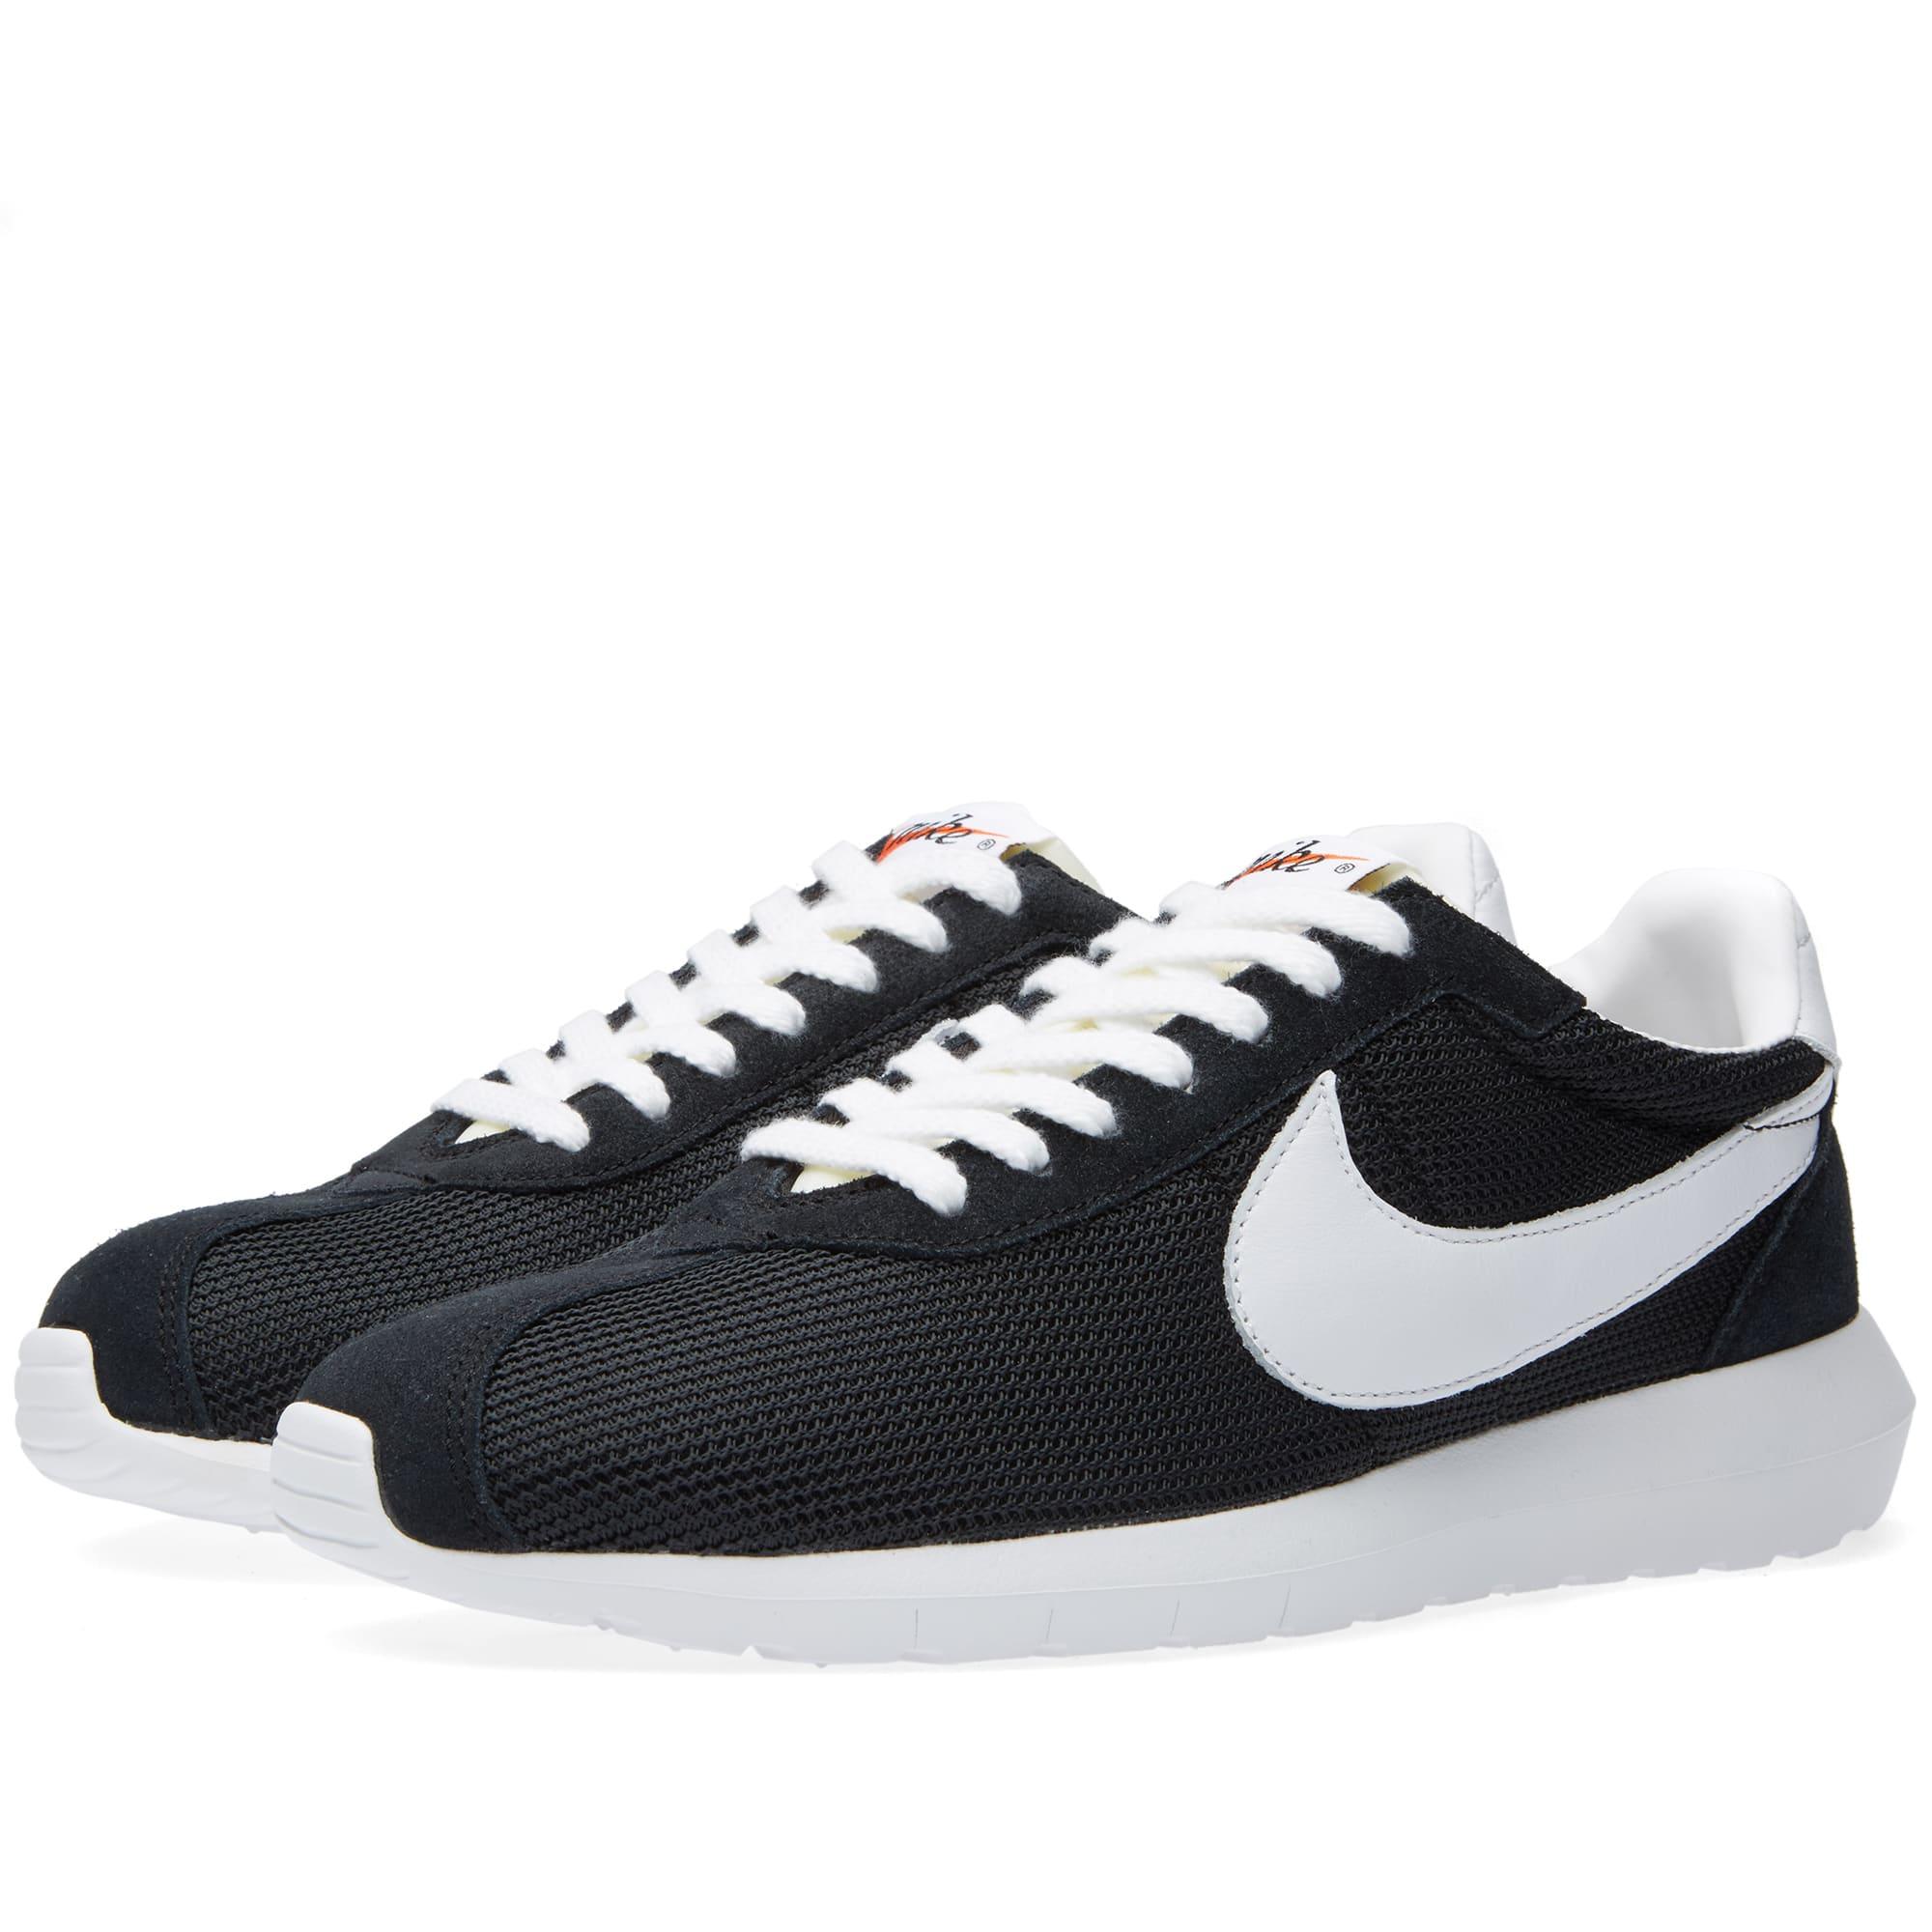 abbd3c1edbff1 Nike Roshe LD-1000 QS Black   White